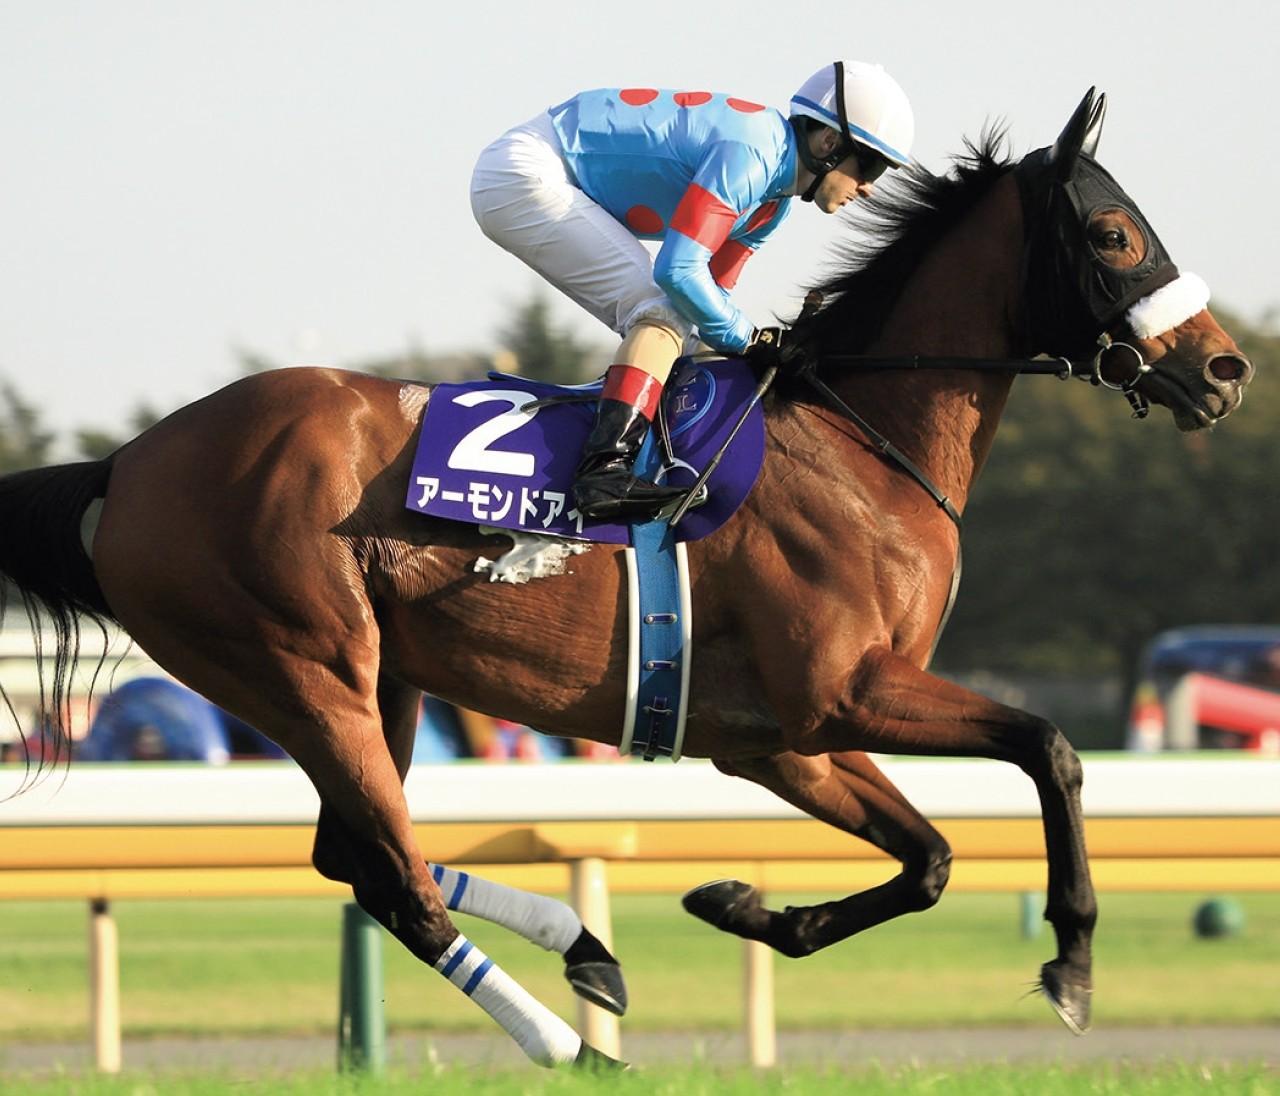 かわいすぎる馬女(ウマジョ)♡ 横山ルリカが競馬に夢中になったワケ